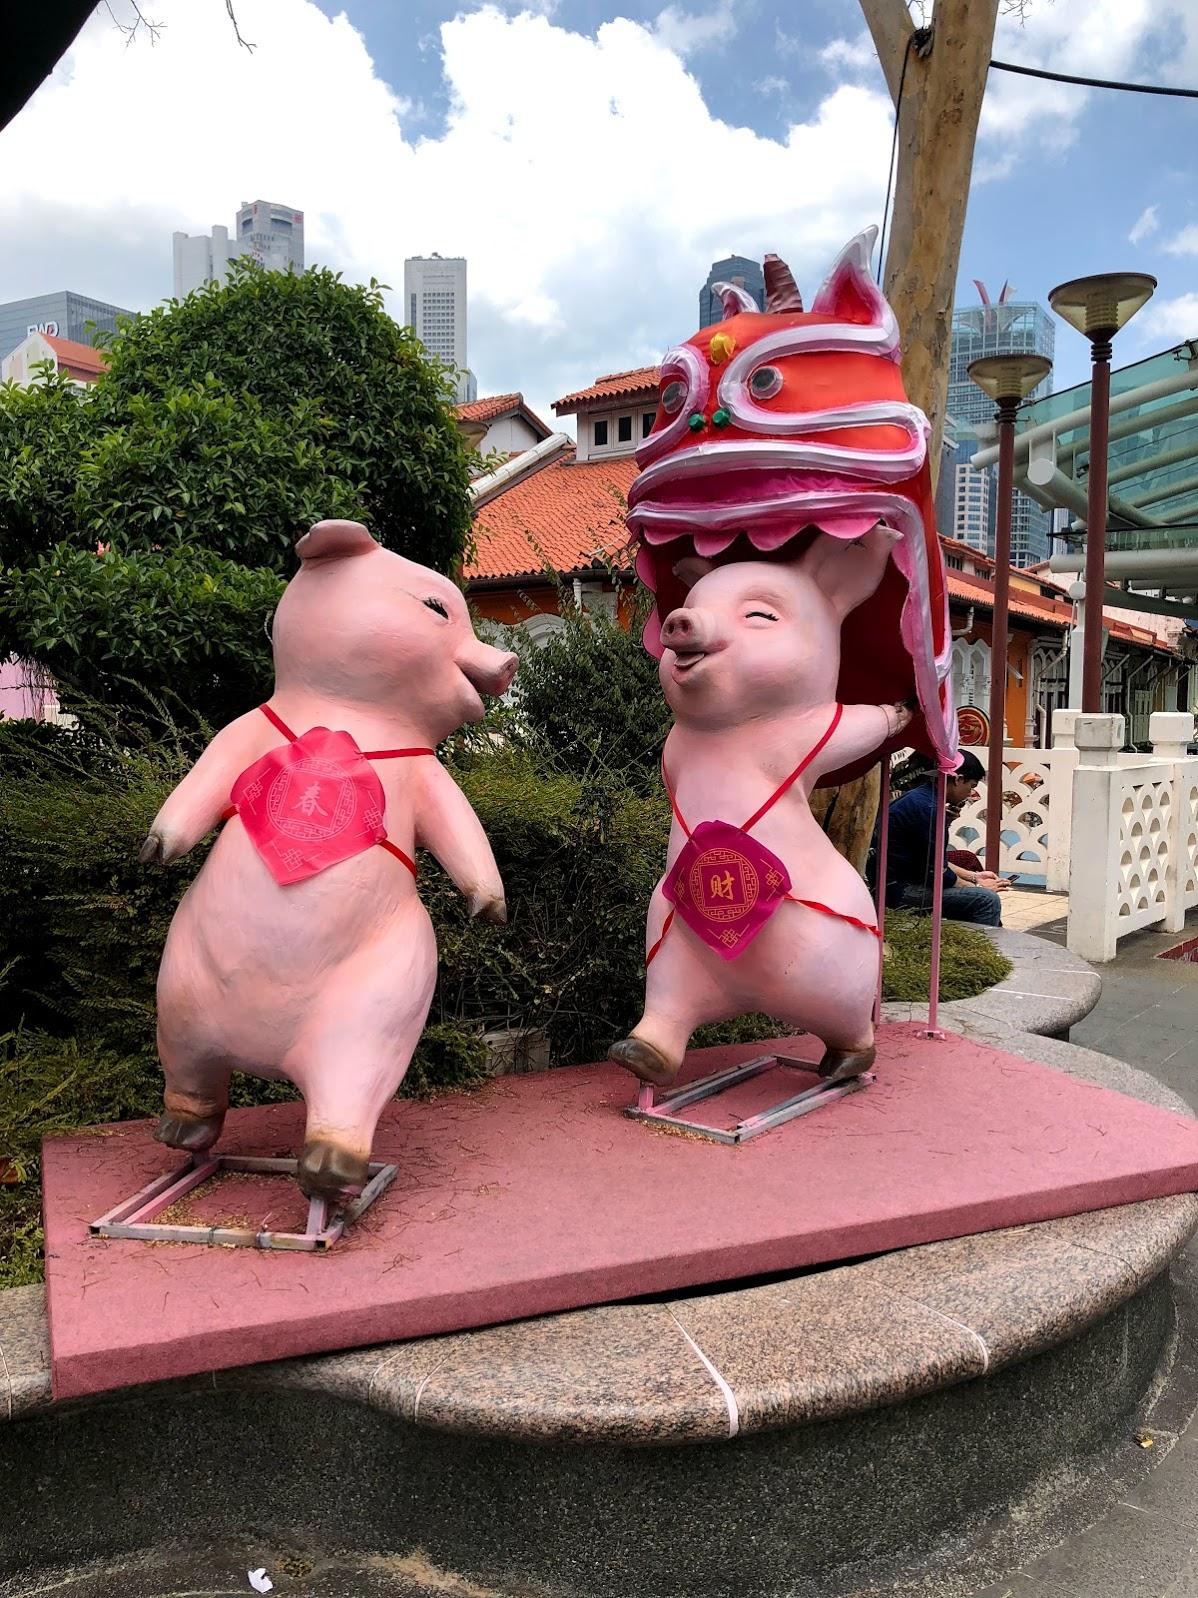 Al entrar a la calle Pagoda habían estas estructures de cerdos para la celebración de Año Nuevo Lunar. Este año es el año del cerdo.